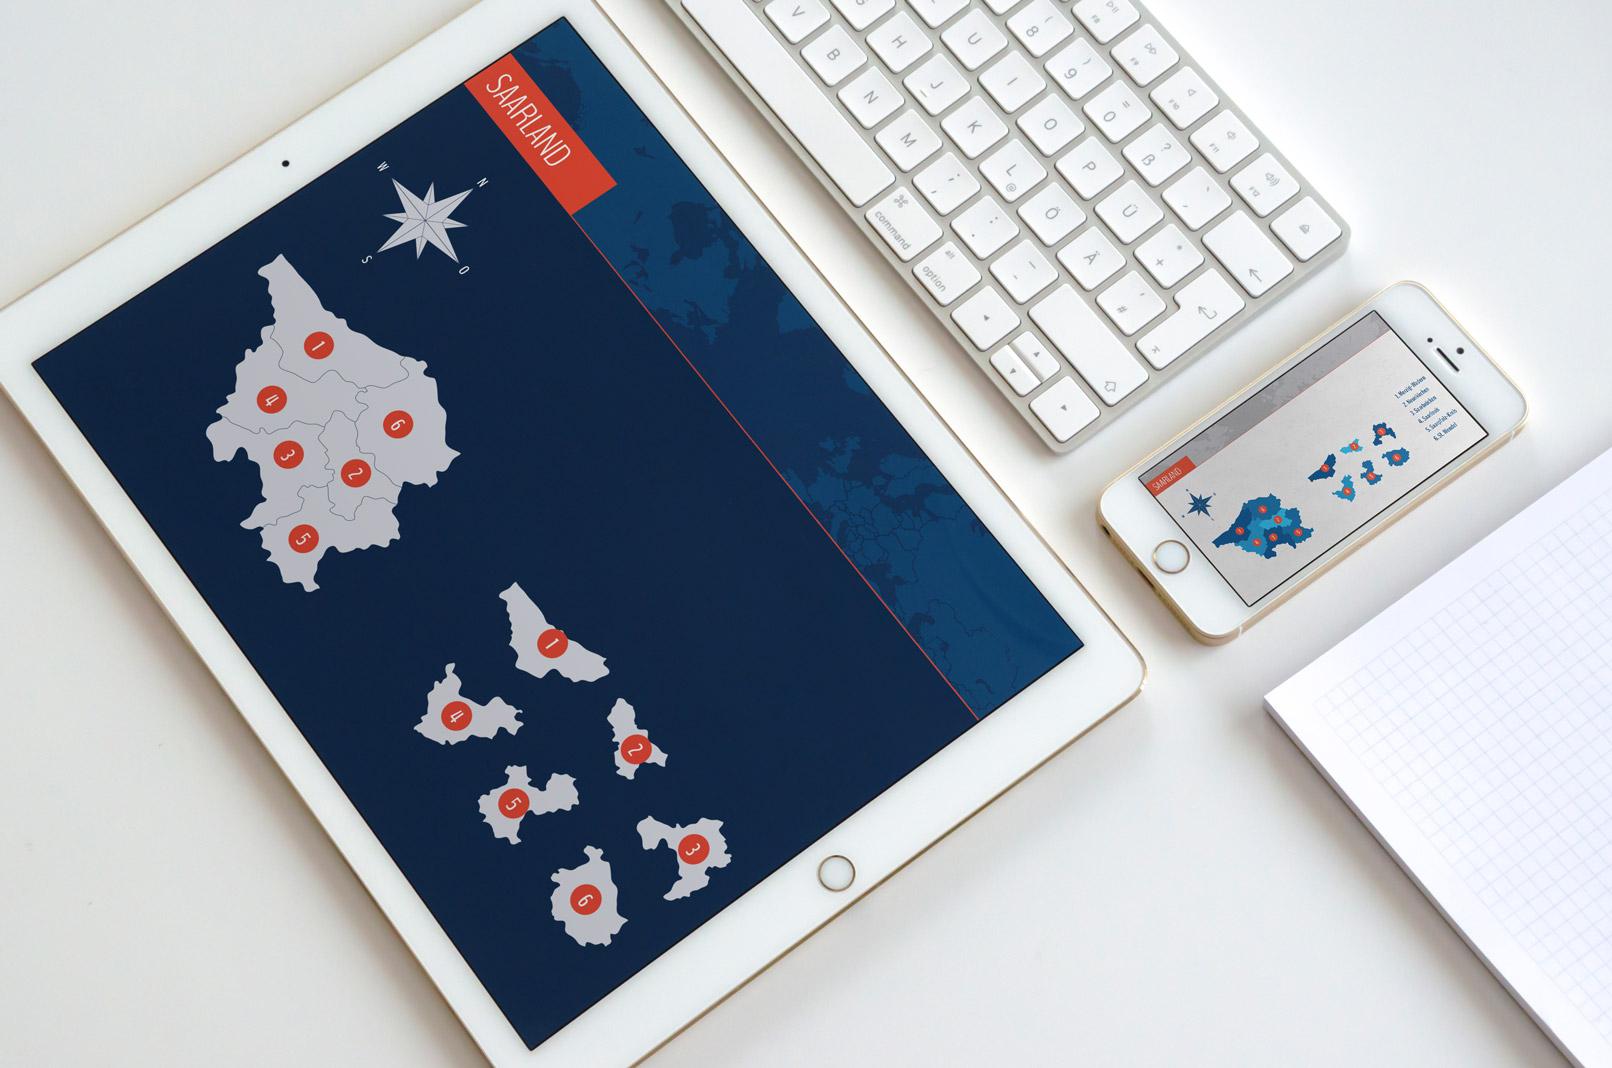 Tablet mit der Landkarte des Saarlands